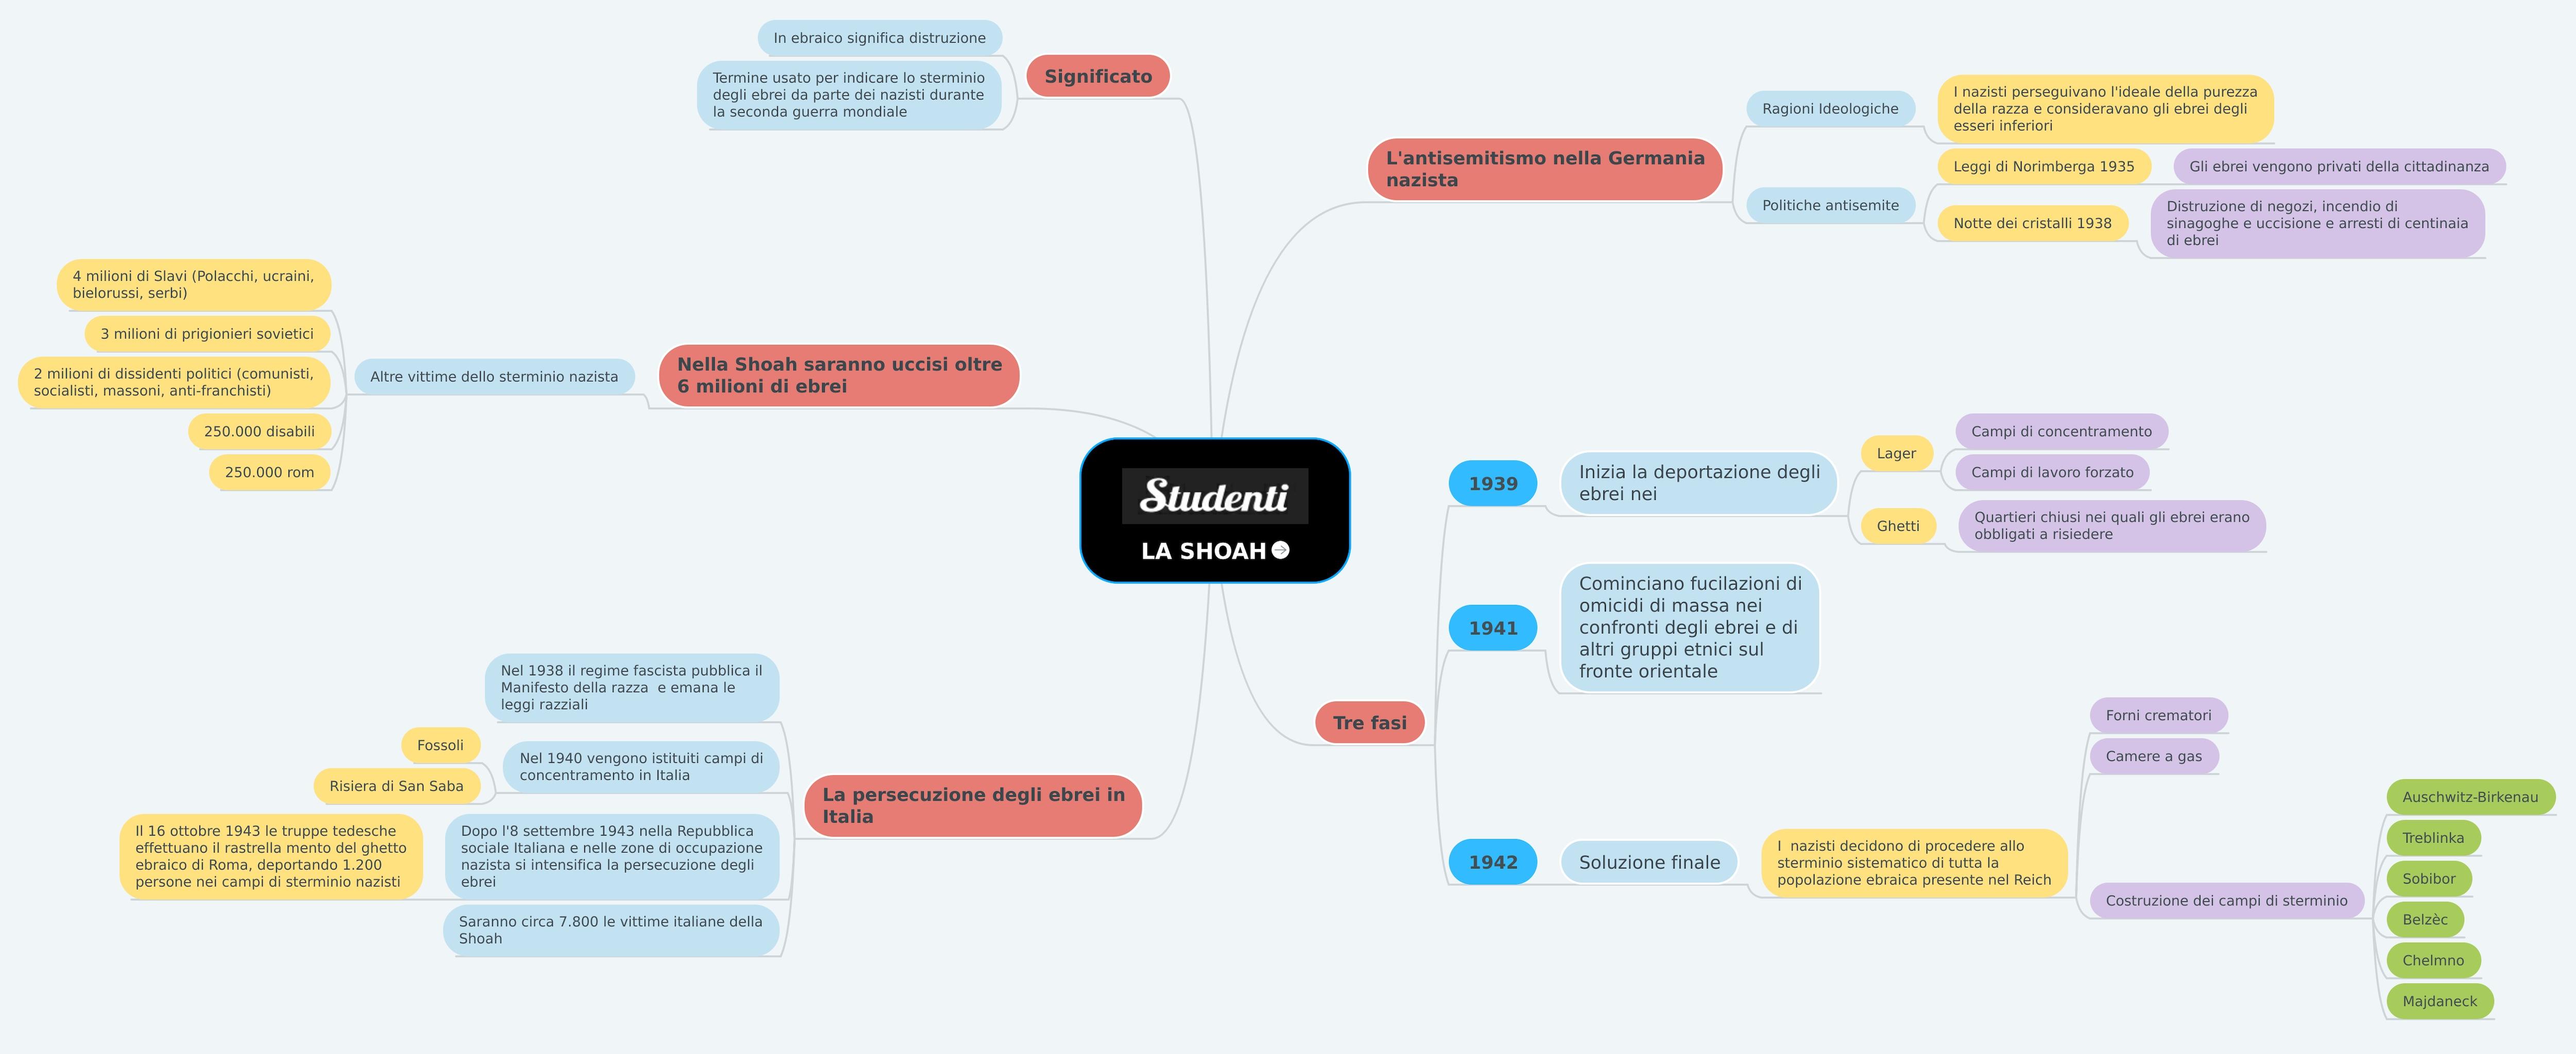 Mappa concettuale sulla Shoah